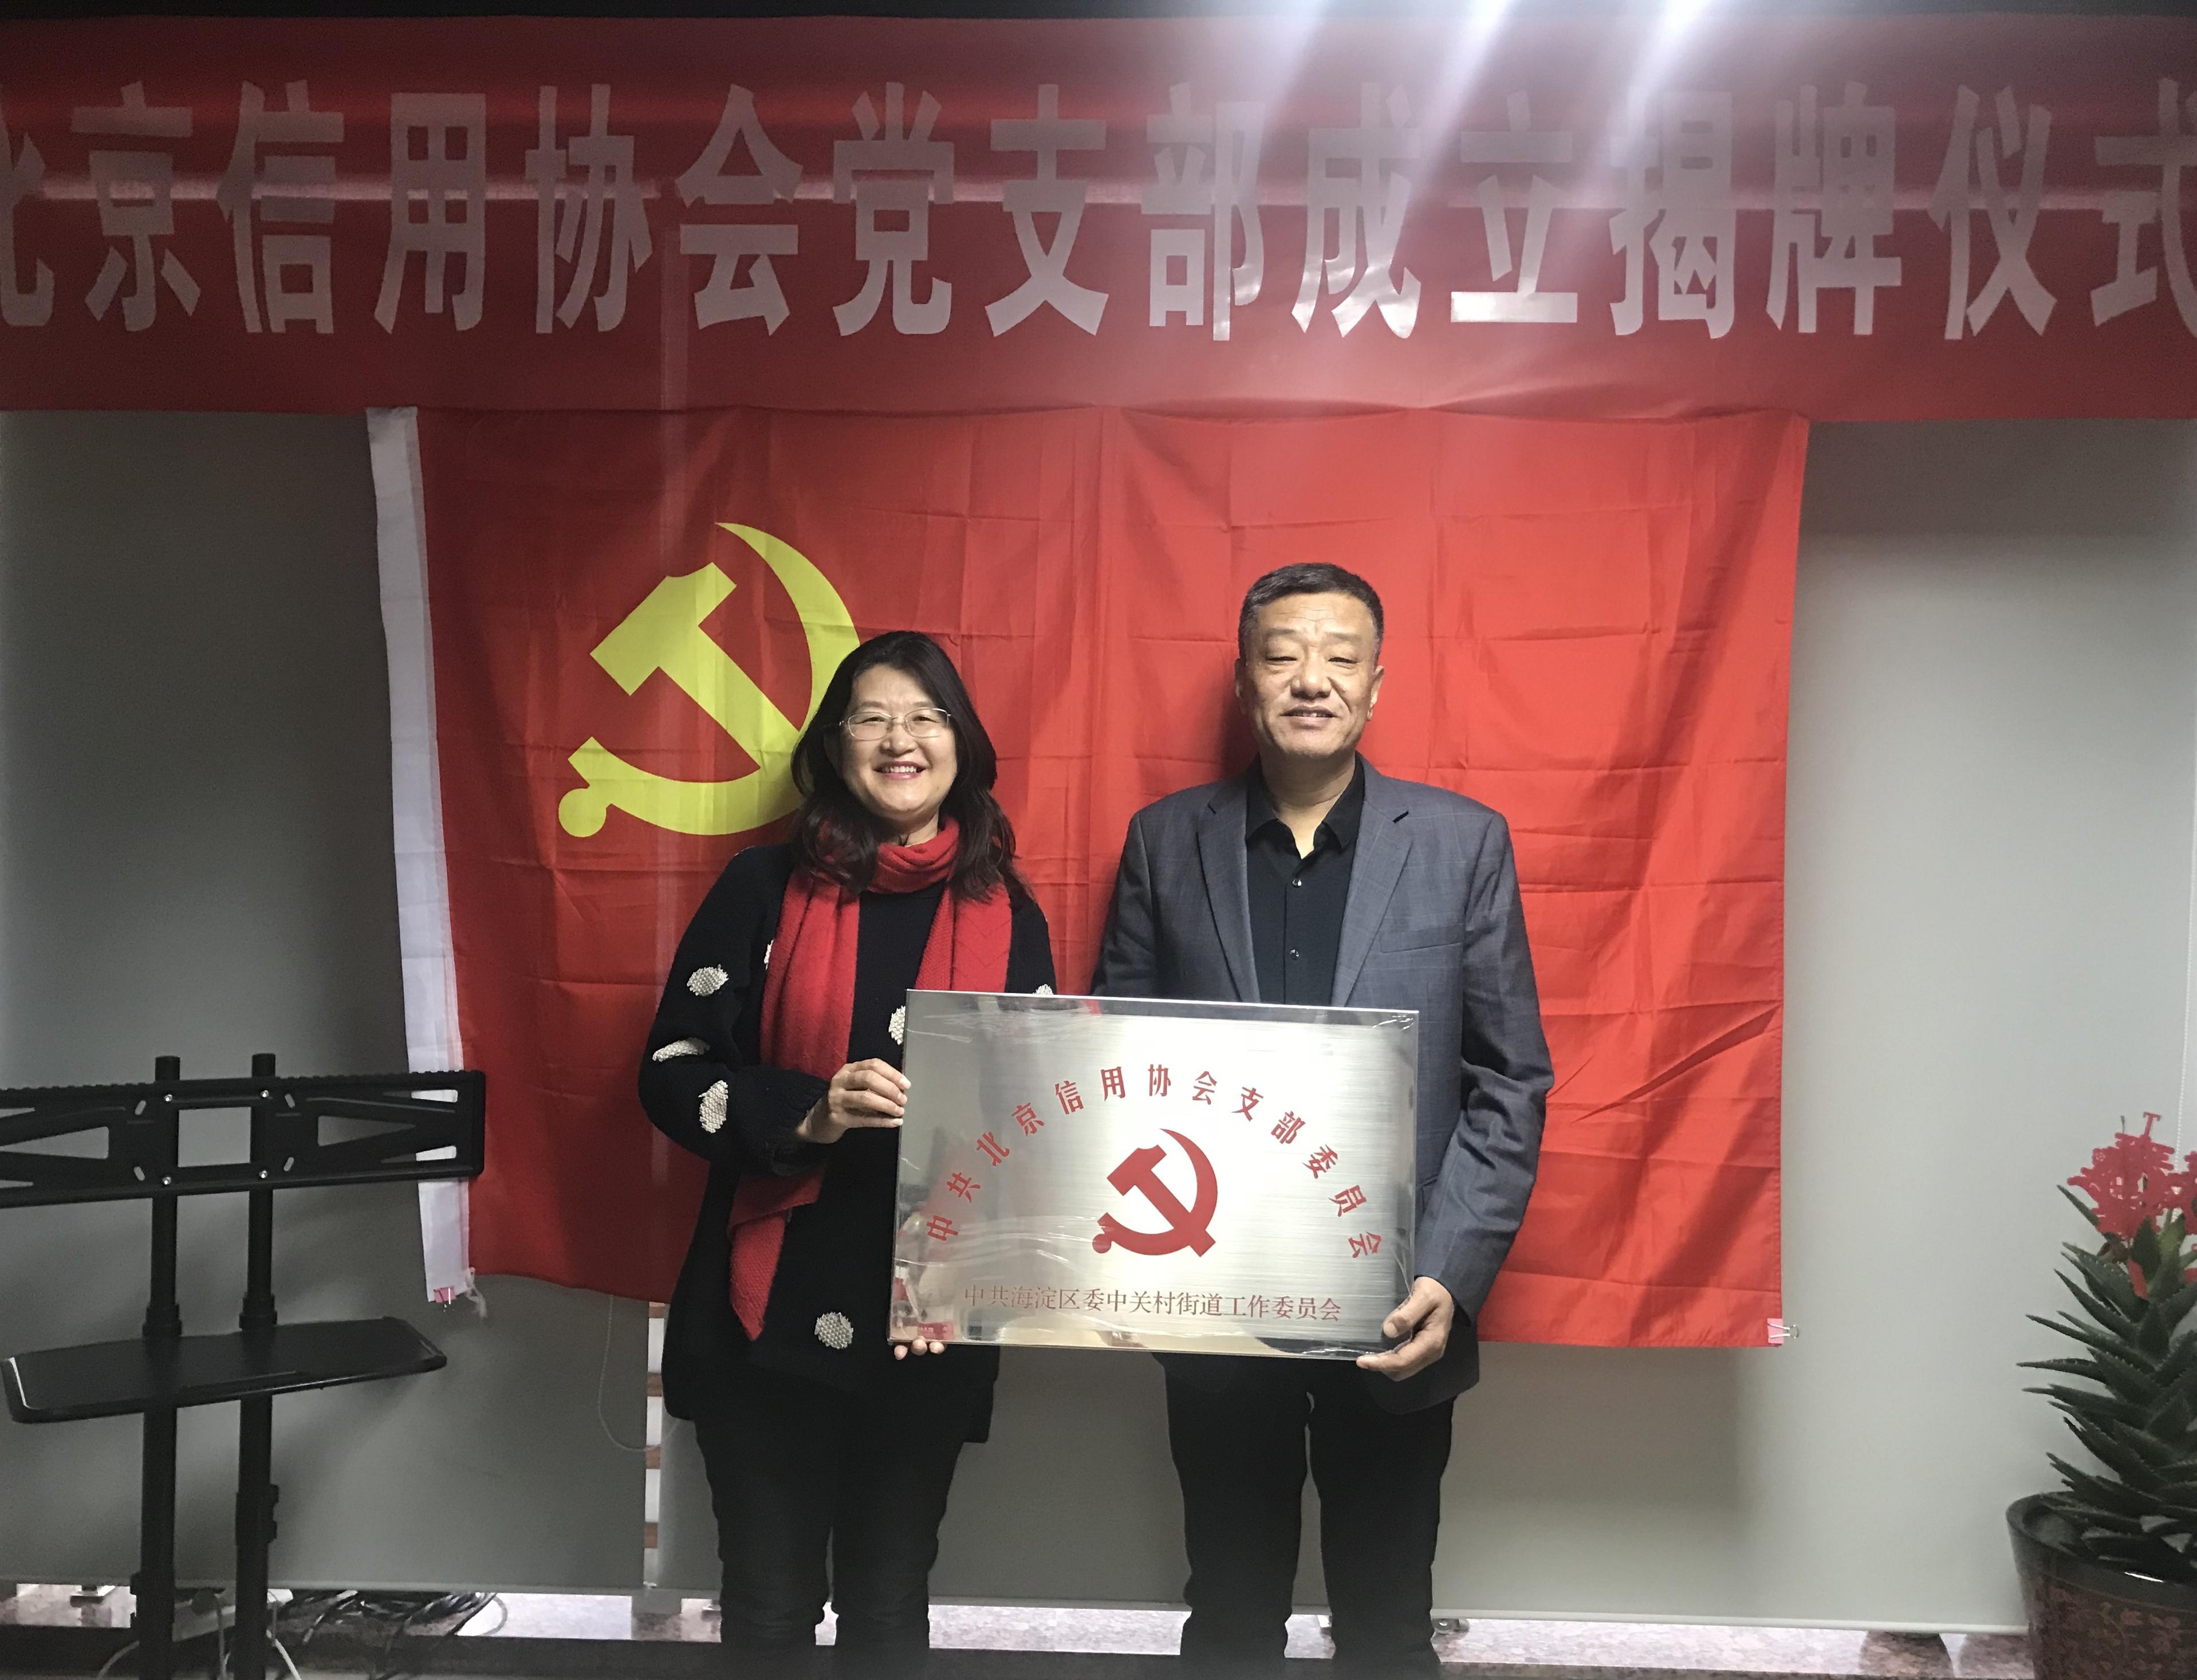 中共亚傅体育app支部委员会成立